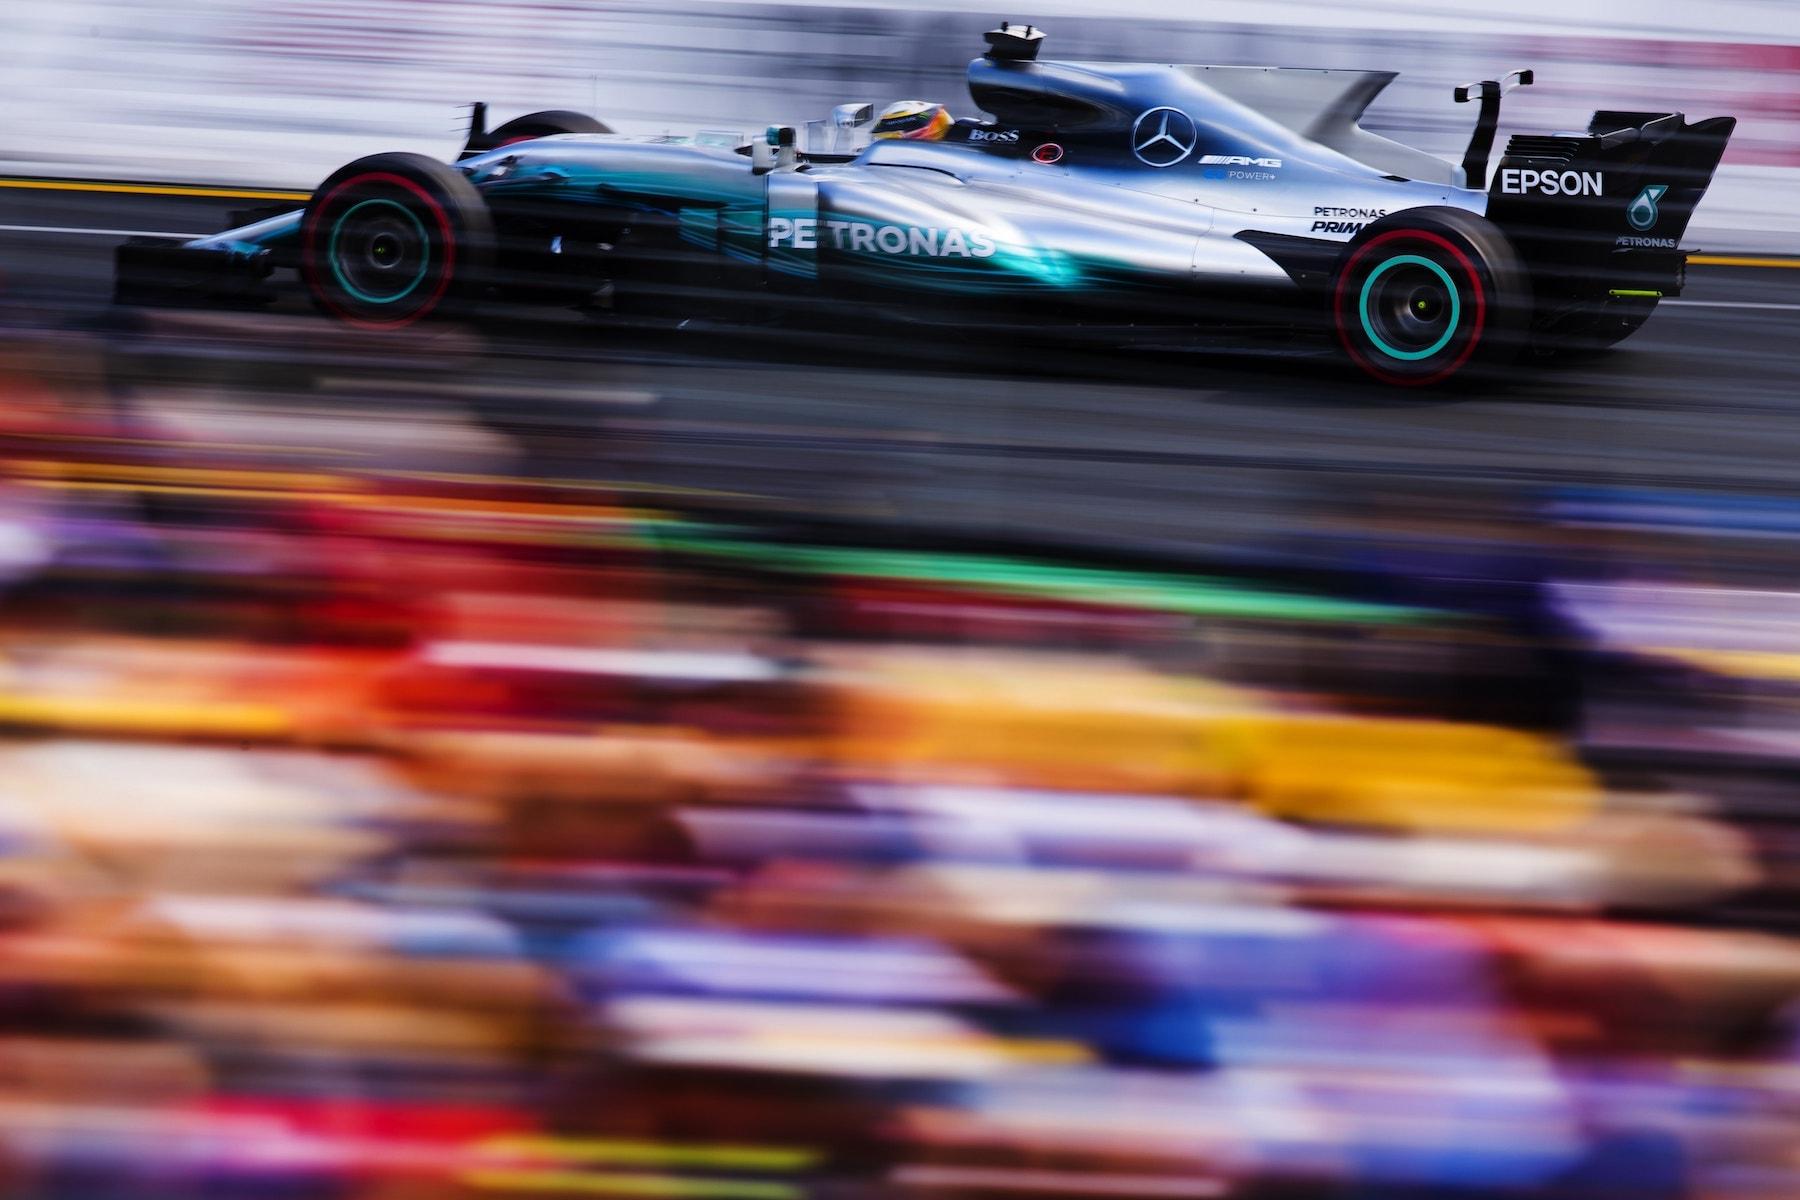 Salracing | Mercedes AMG Petronas